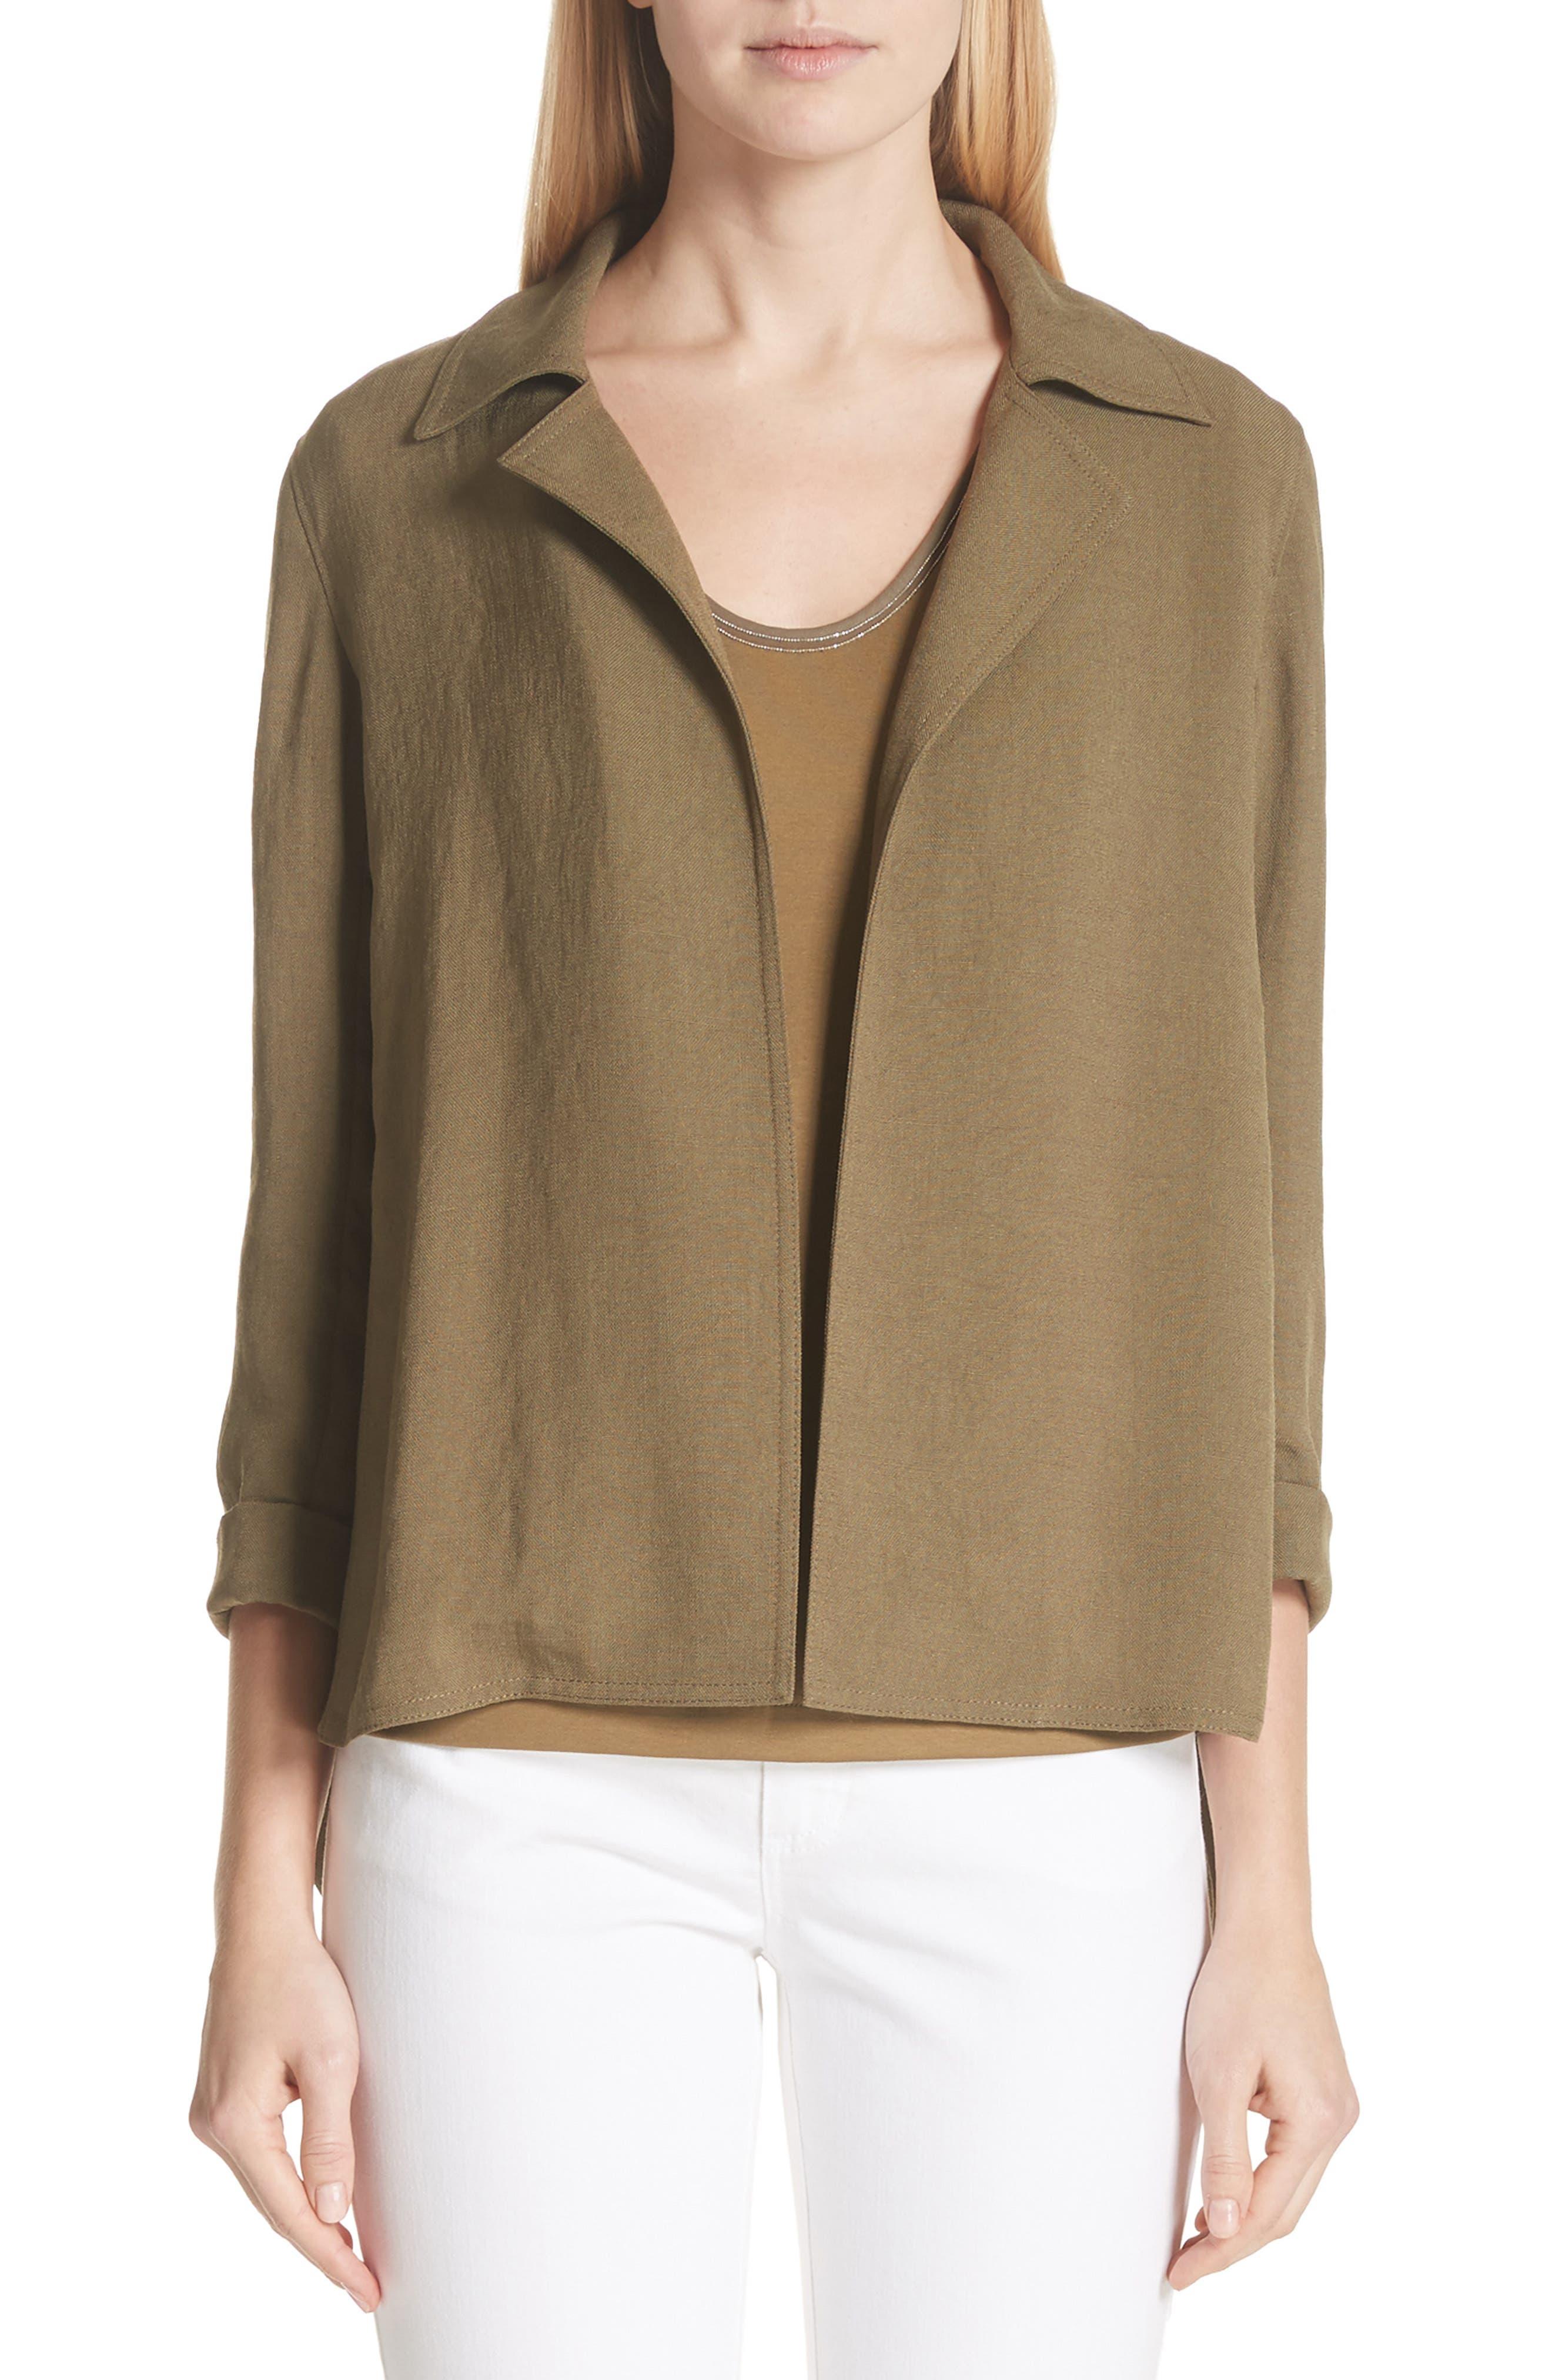 Grant Altruistic Cloth Jacket,                             Main thumbnail 1, color,                             342